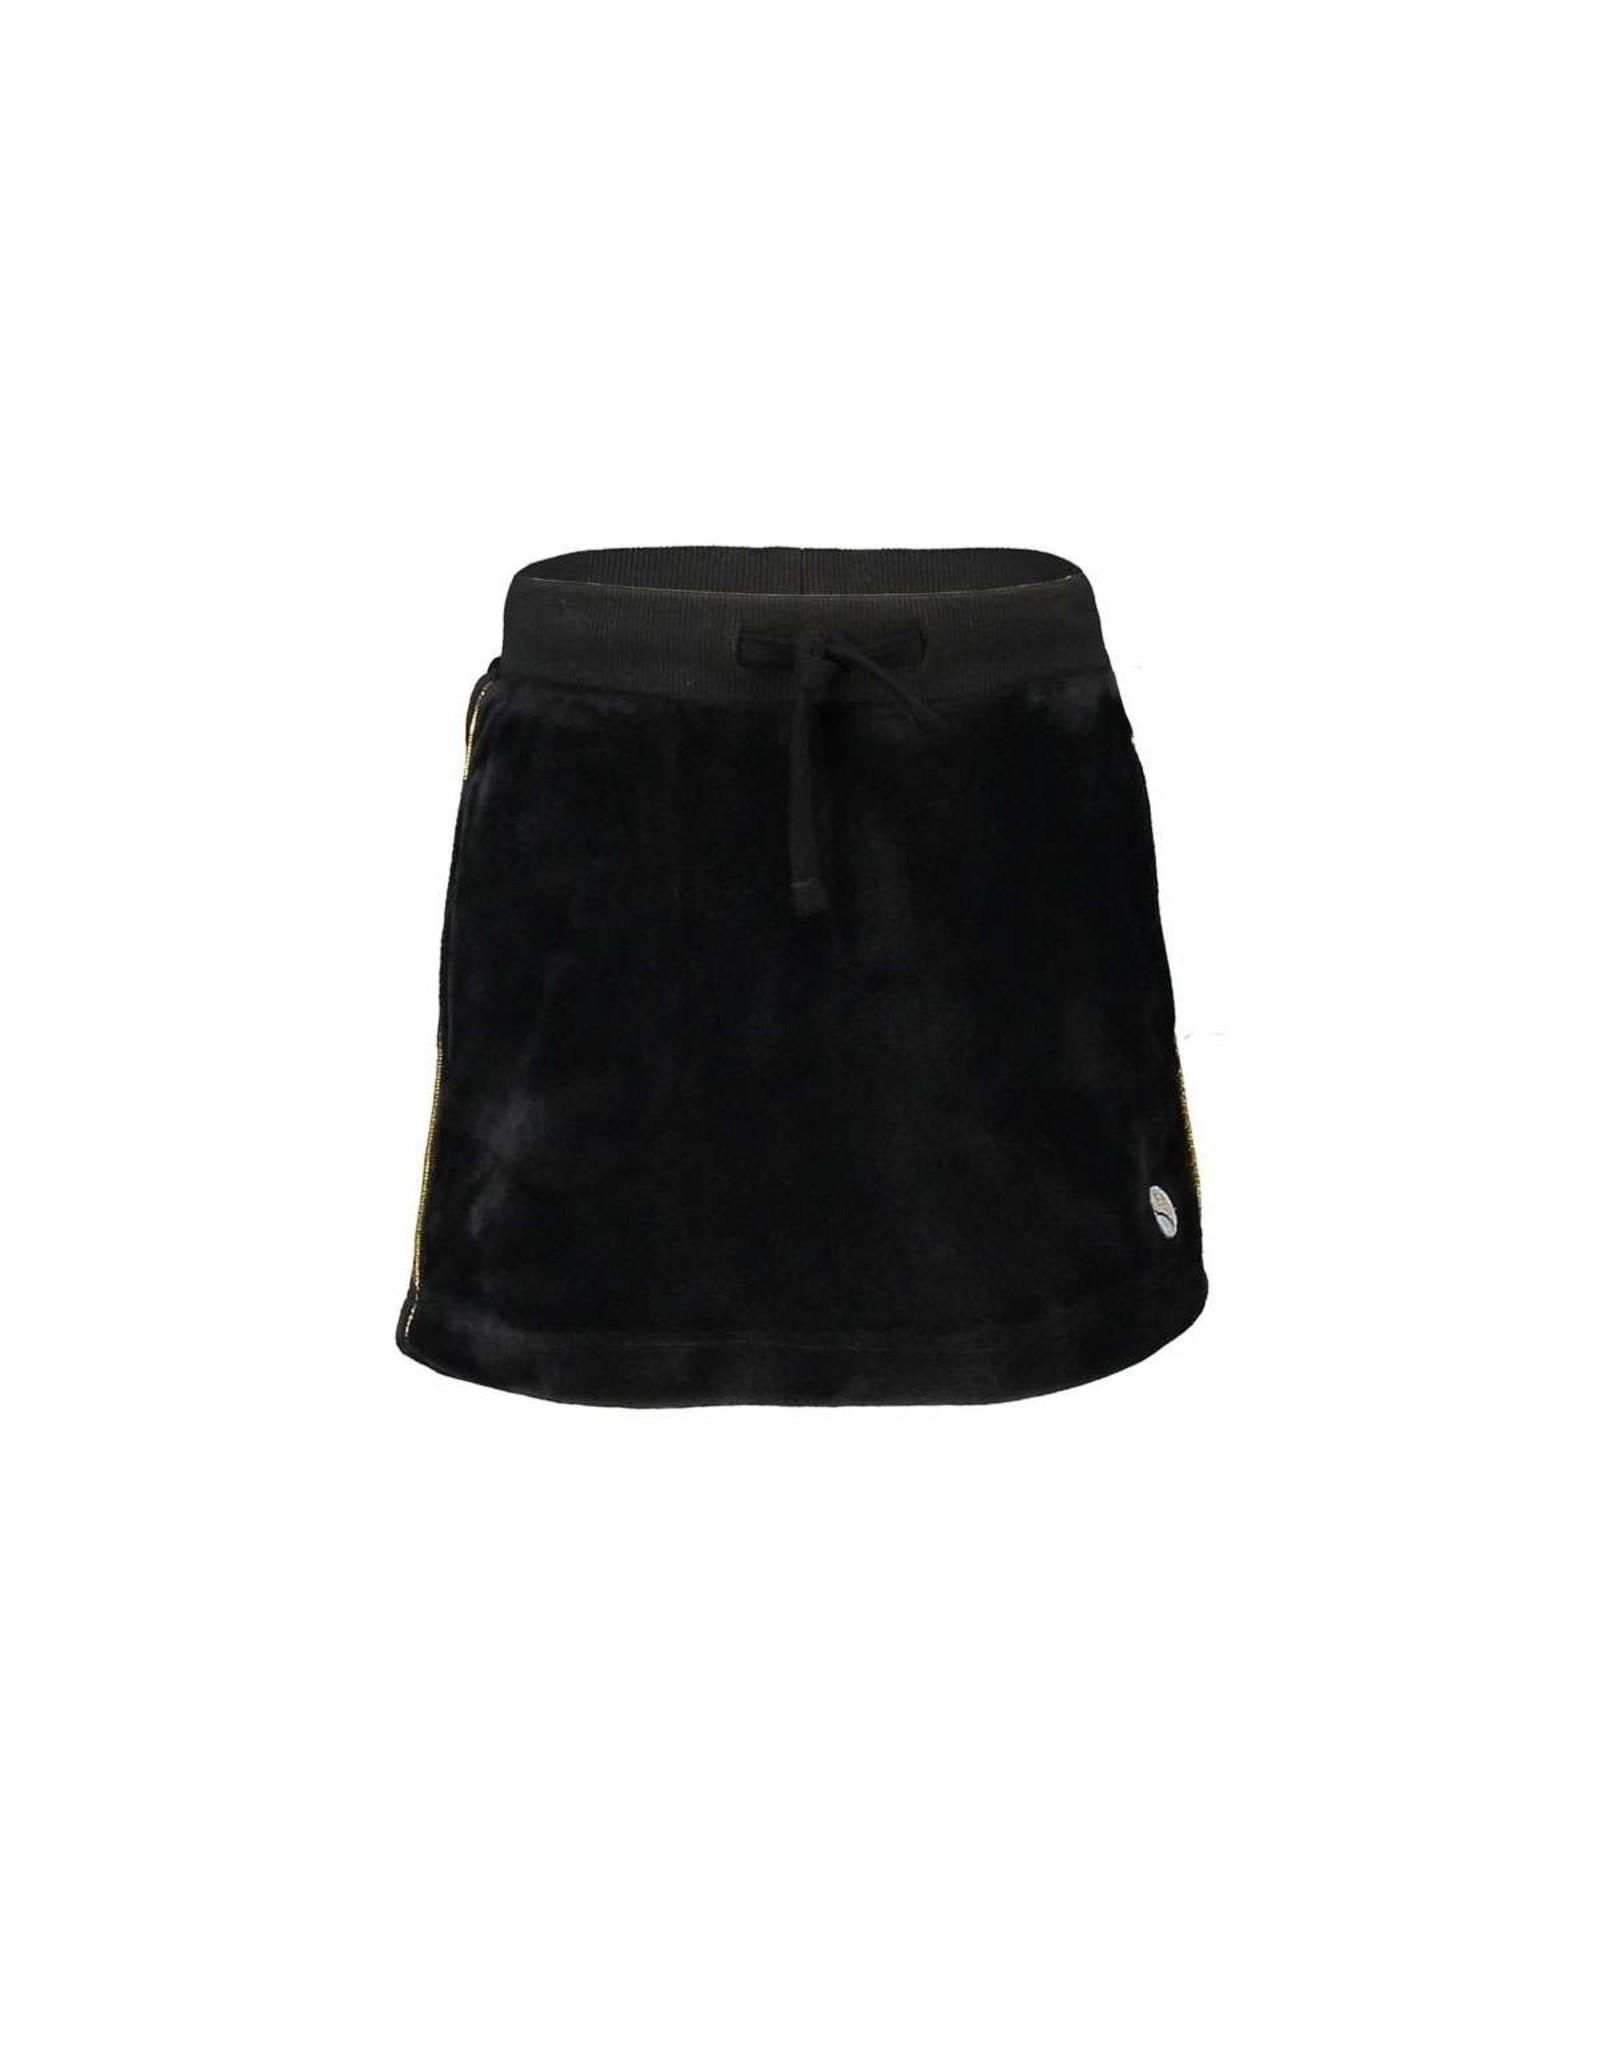 Moodstreet Moodstreet velours skirt Black - mt 146/152